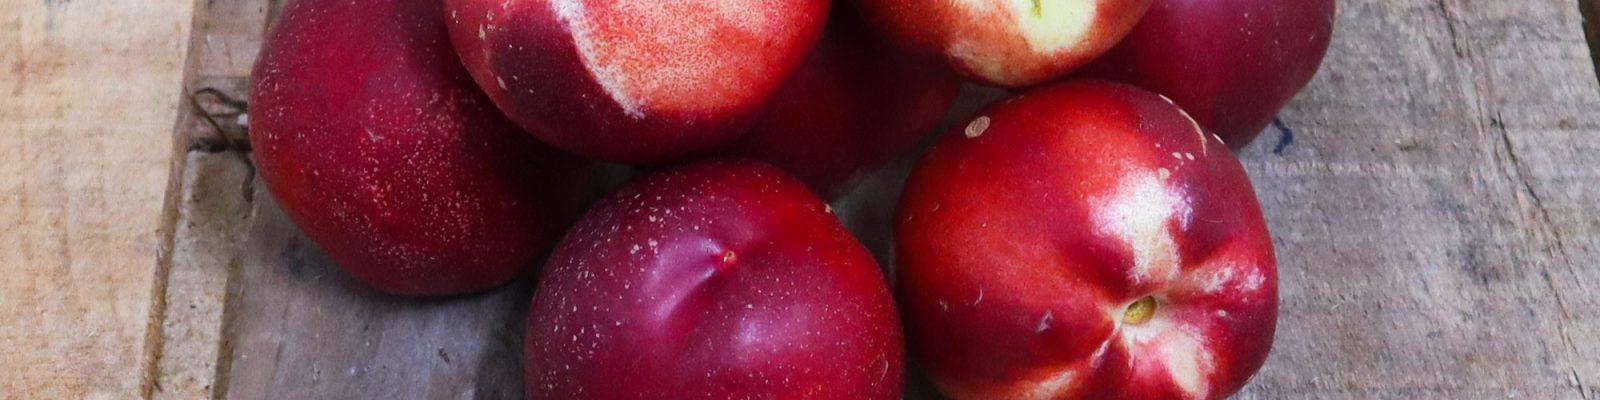 Livraison de fruit bio à Nantes - Graines d'ici